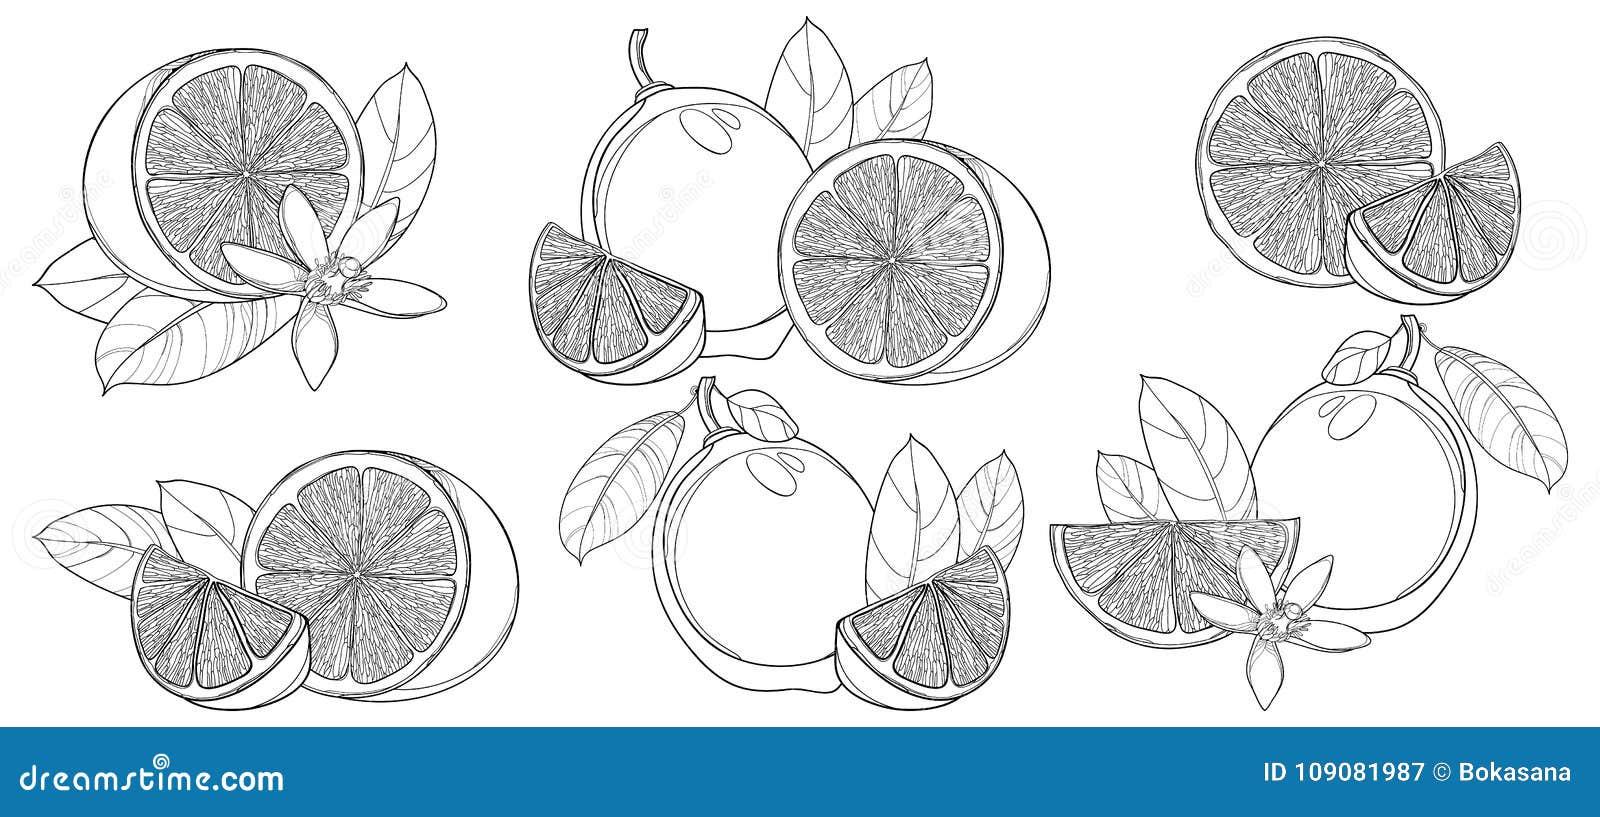 Vektoruppsättning med översiktslimefrukt som isoleras på vit bakgrund Dra upp konturerna av halvan och den hela frukt, skivan, bl